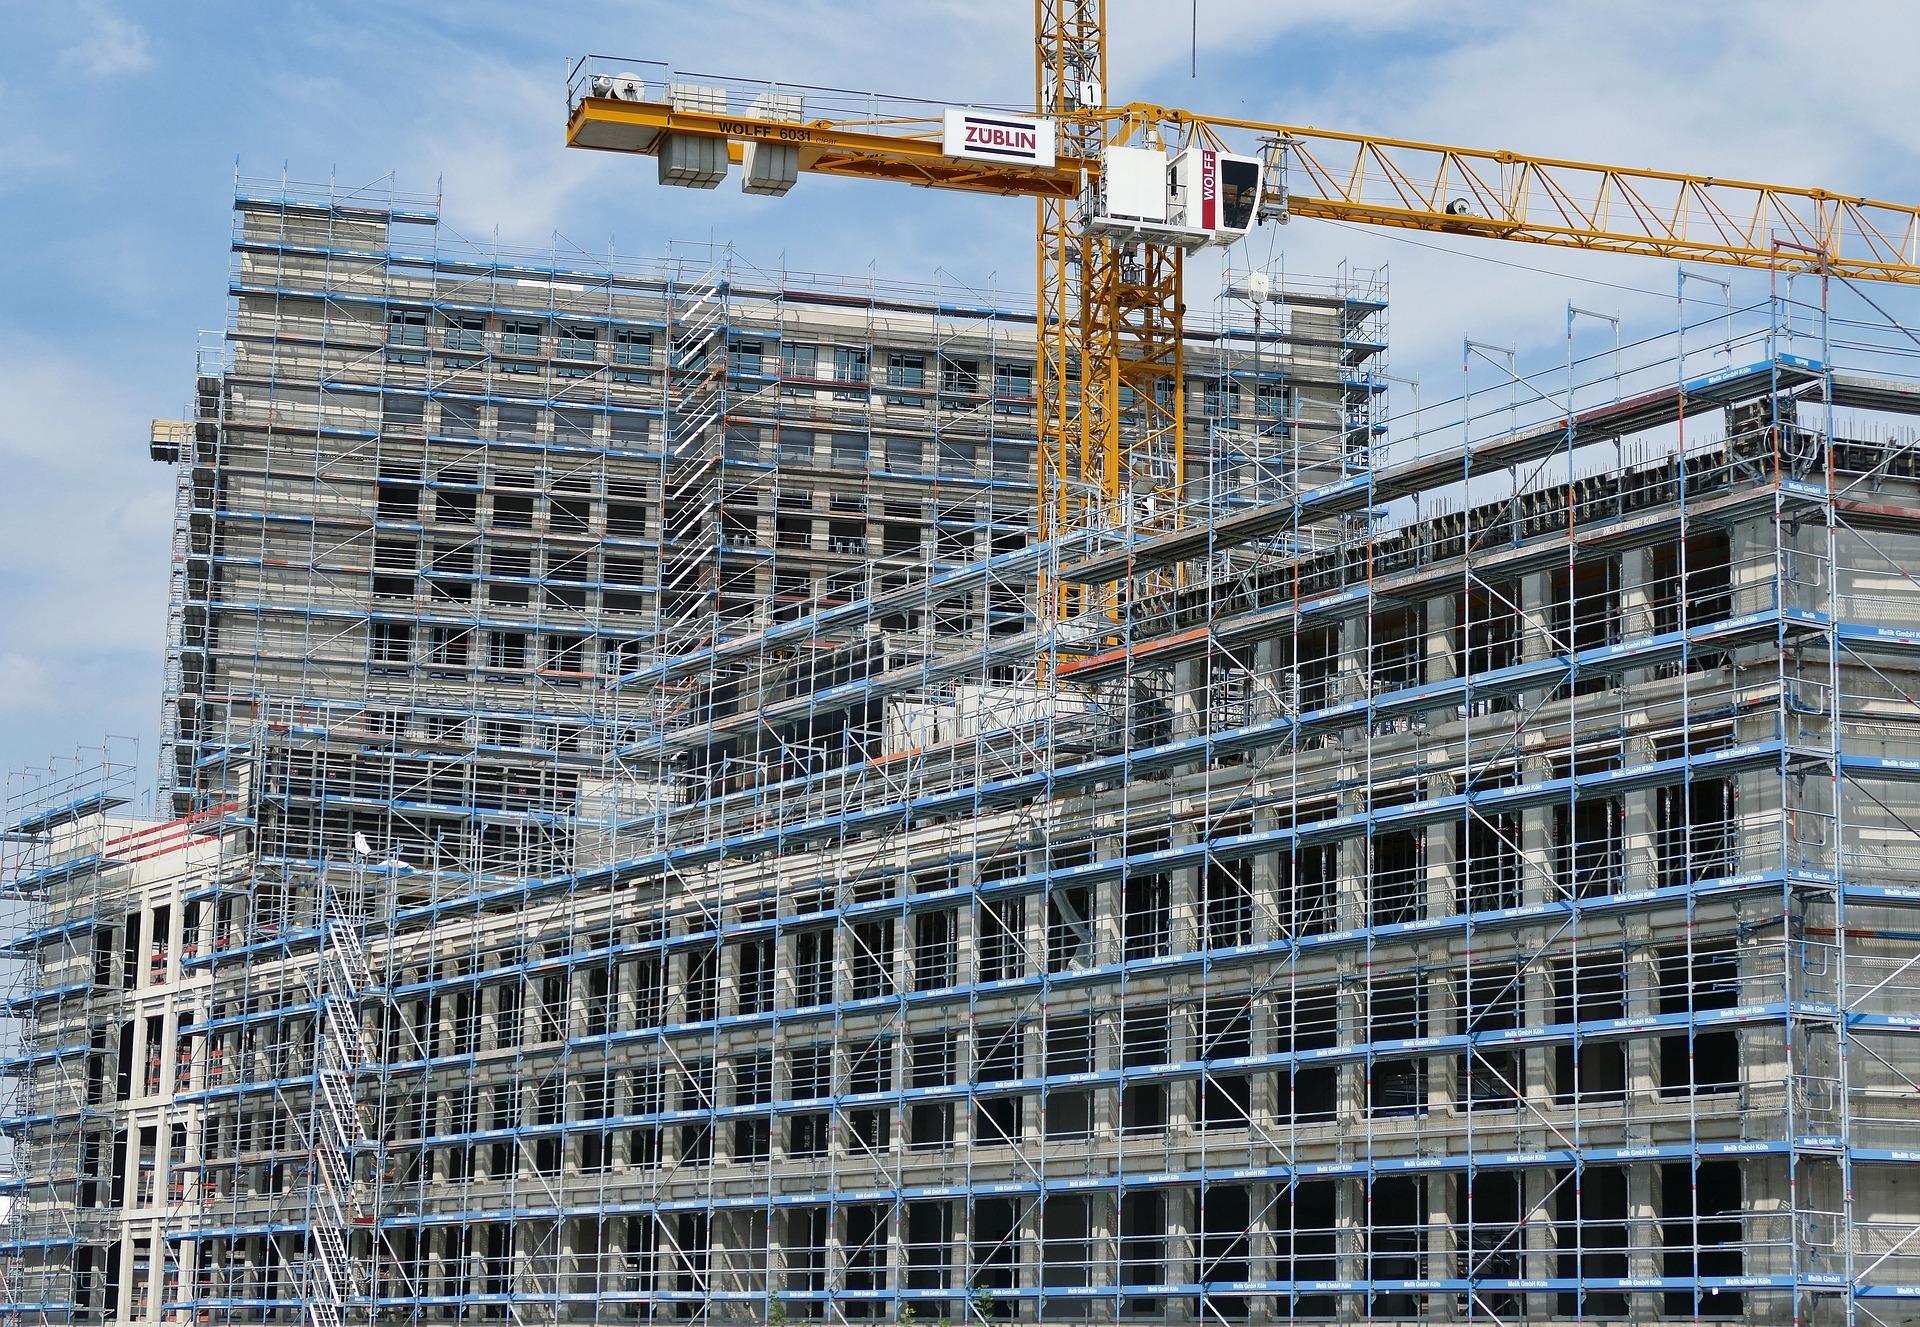 Kupuję mieszkanie od dewelopera - co warto wiedzieć decydując się na zakup mieszkania na rynku pierwotnym?